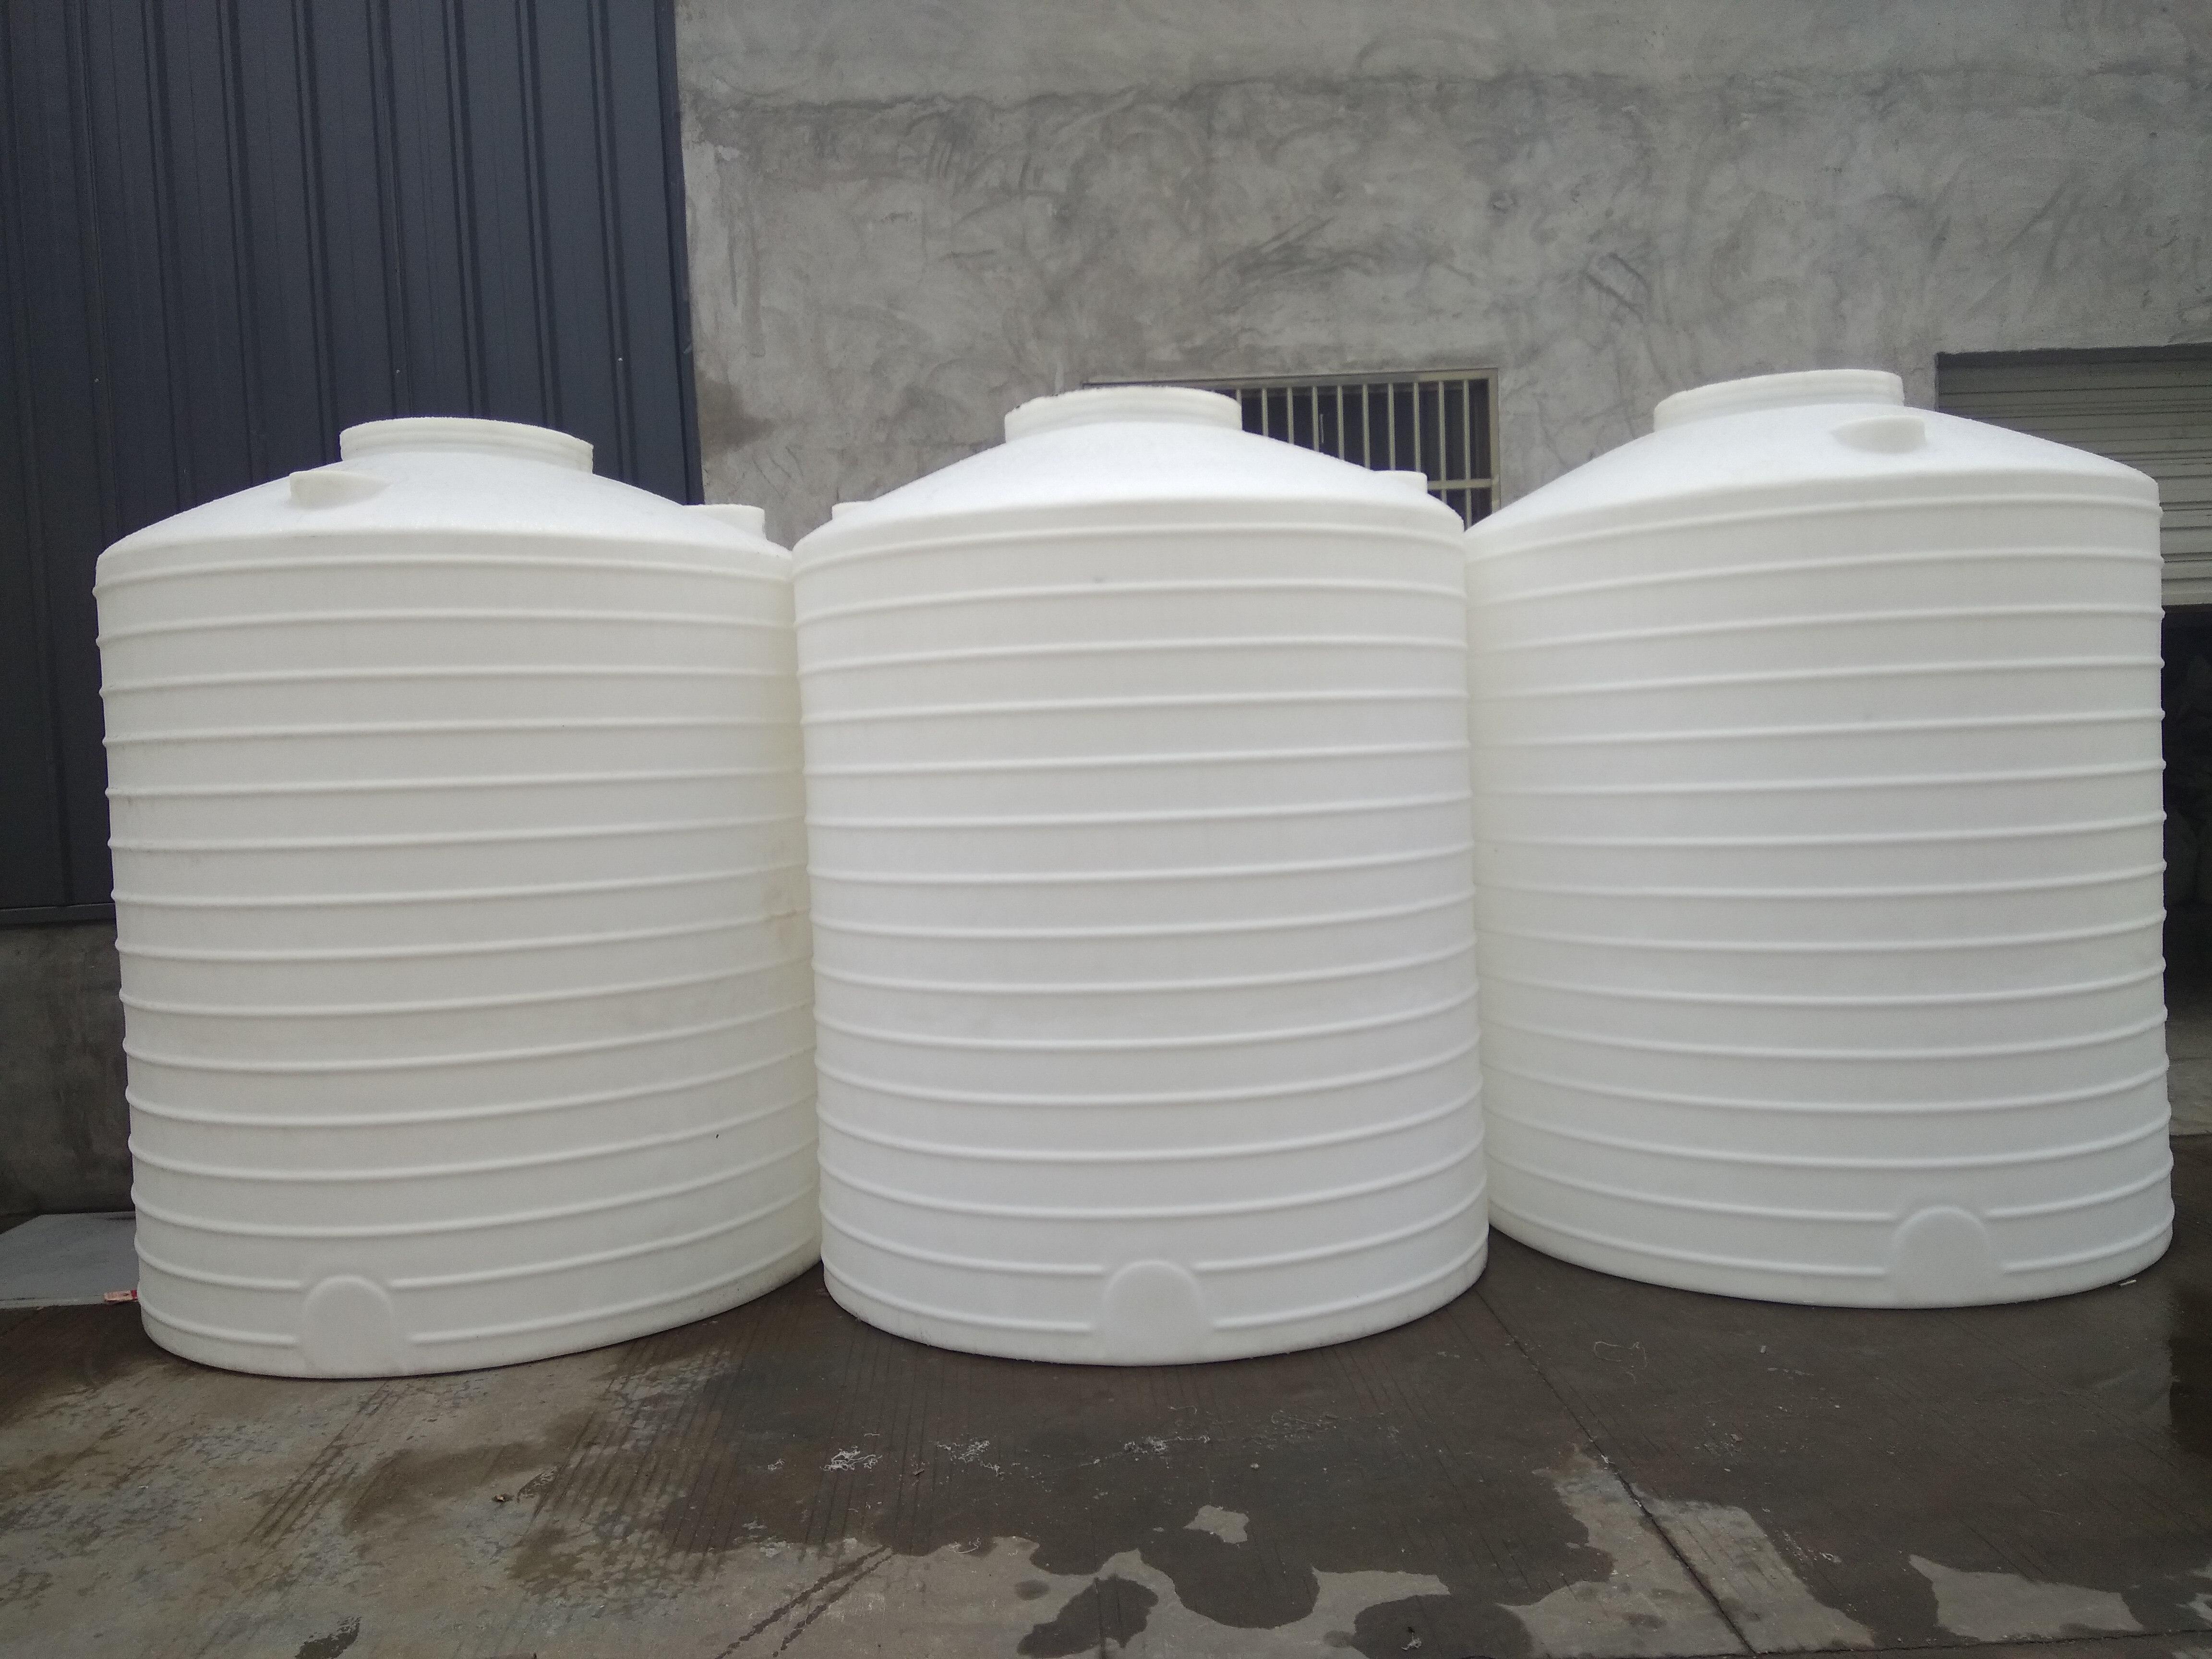 Dọc 10 khối hỗn hợp natri hydroxit lưu trữ chất lỏng bể chứa 10 tấn LLDPE hộp nhựa mới - Thiết bị nước / Bình chứa nước